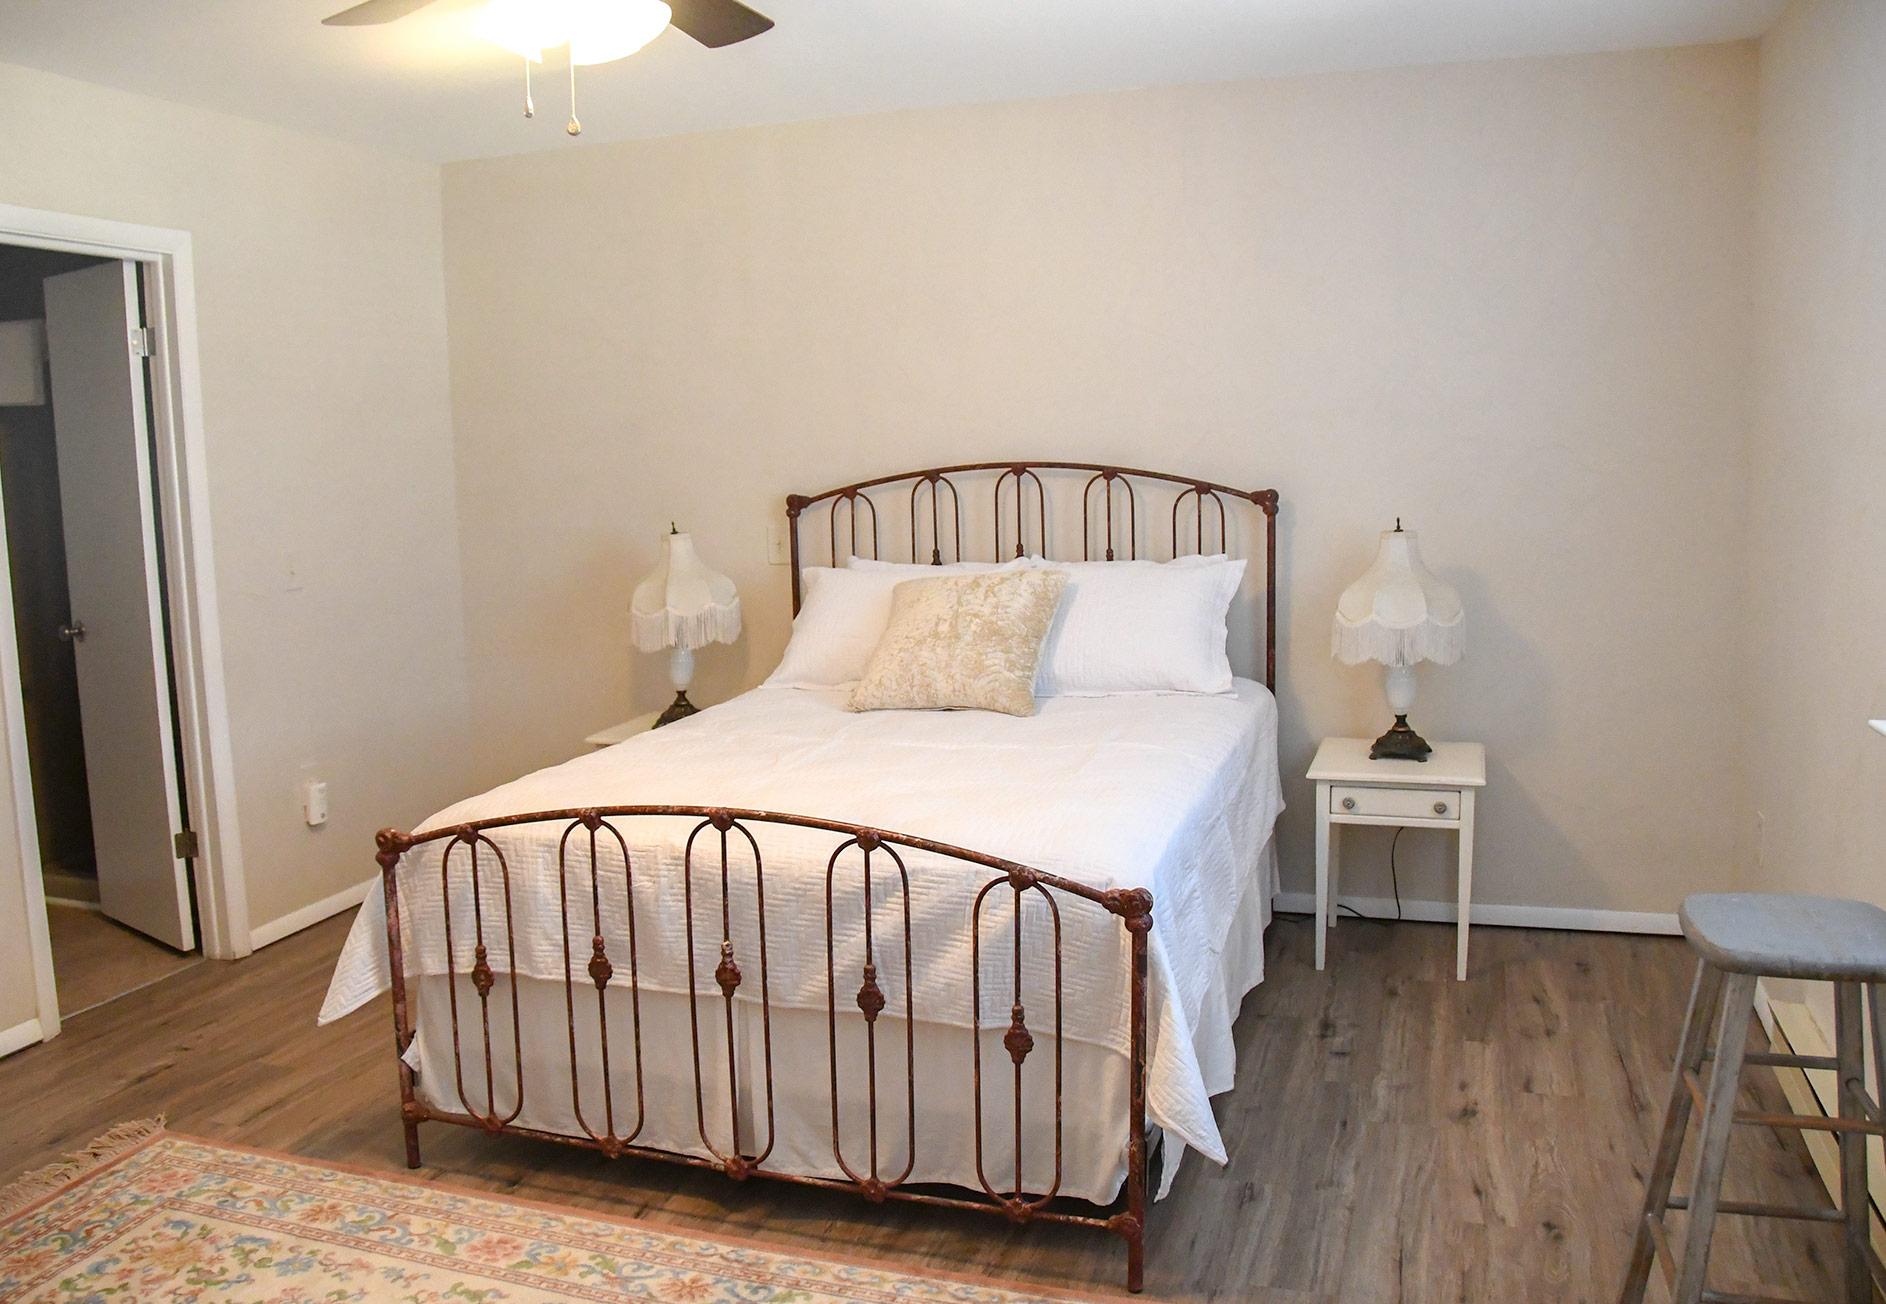 Lake City Rental - Bedroom